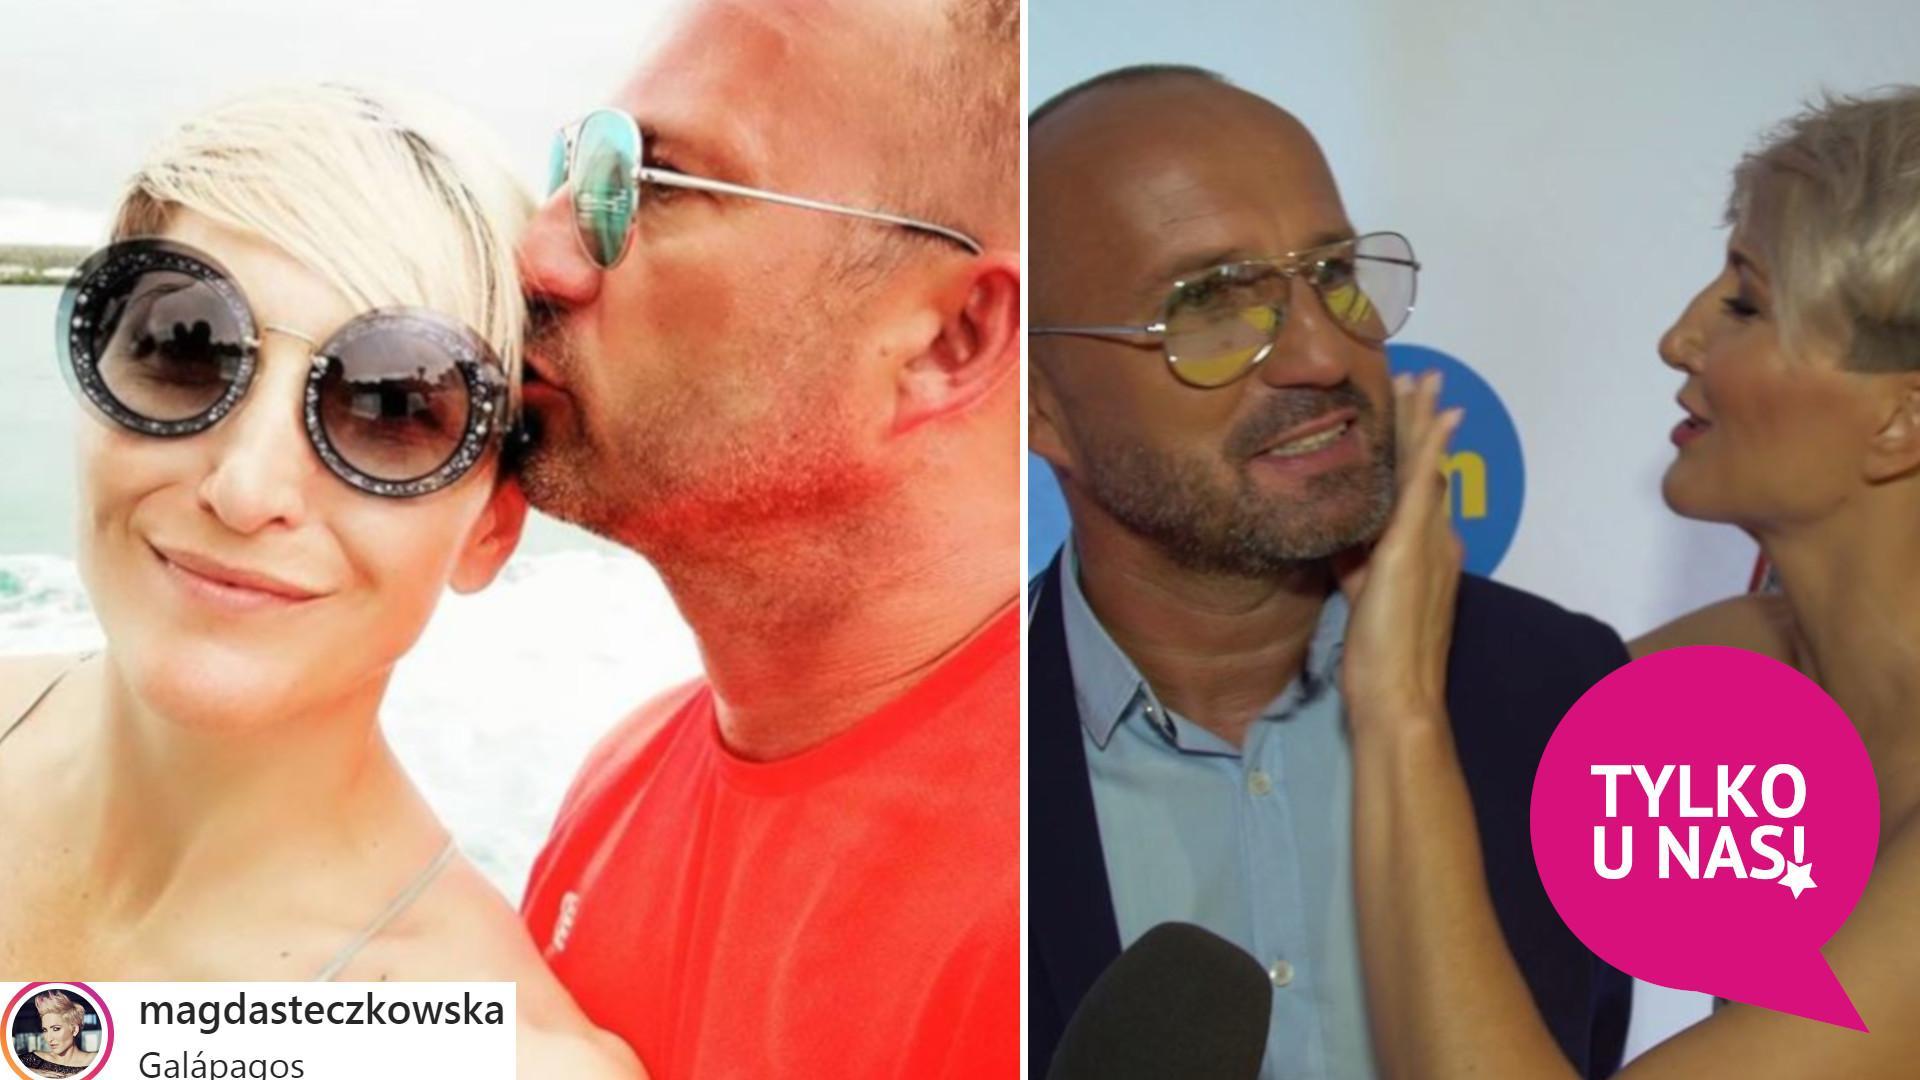 Magda Steczkowska nie wytrzymała! Zrobiła TO po słowach męża